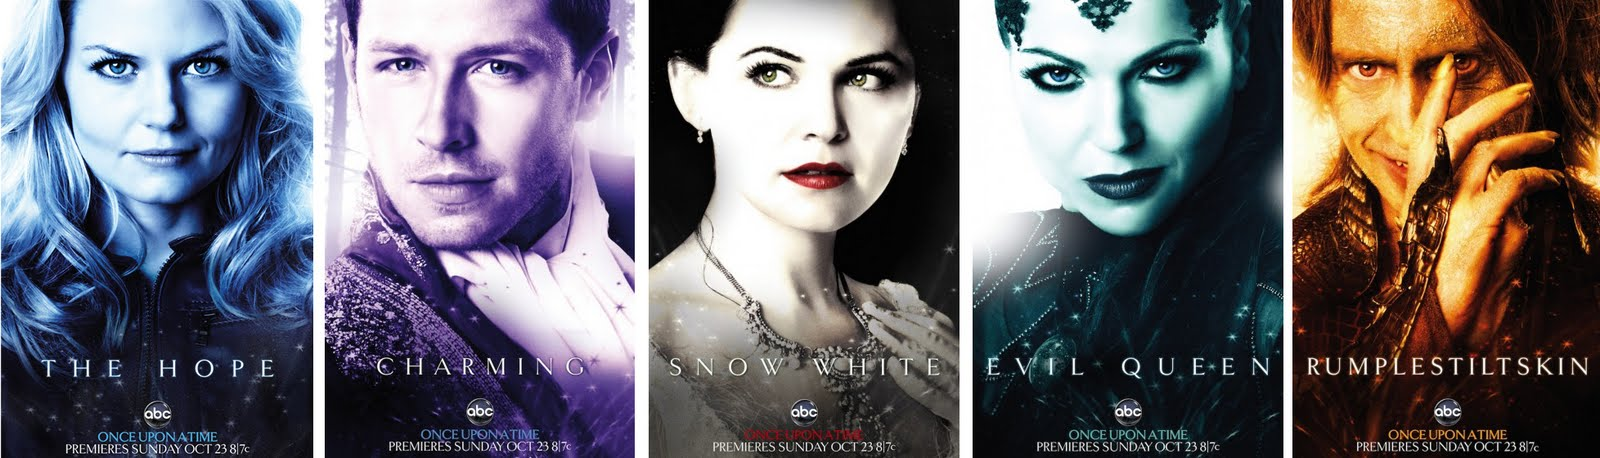 〇ﬡᙅᙓ ᑌᕈᗢﬡ ᗩ ♈ᓮᙢᗴ - A not so fairy tale Roleplay Once-upon-a-time-collage